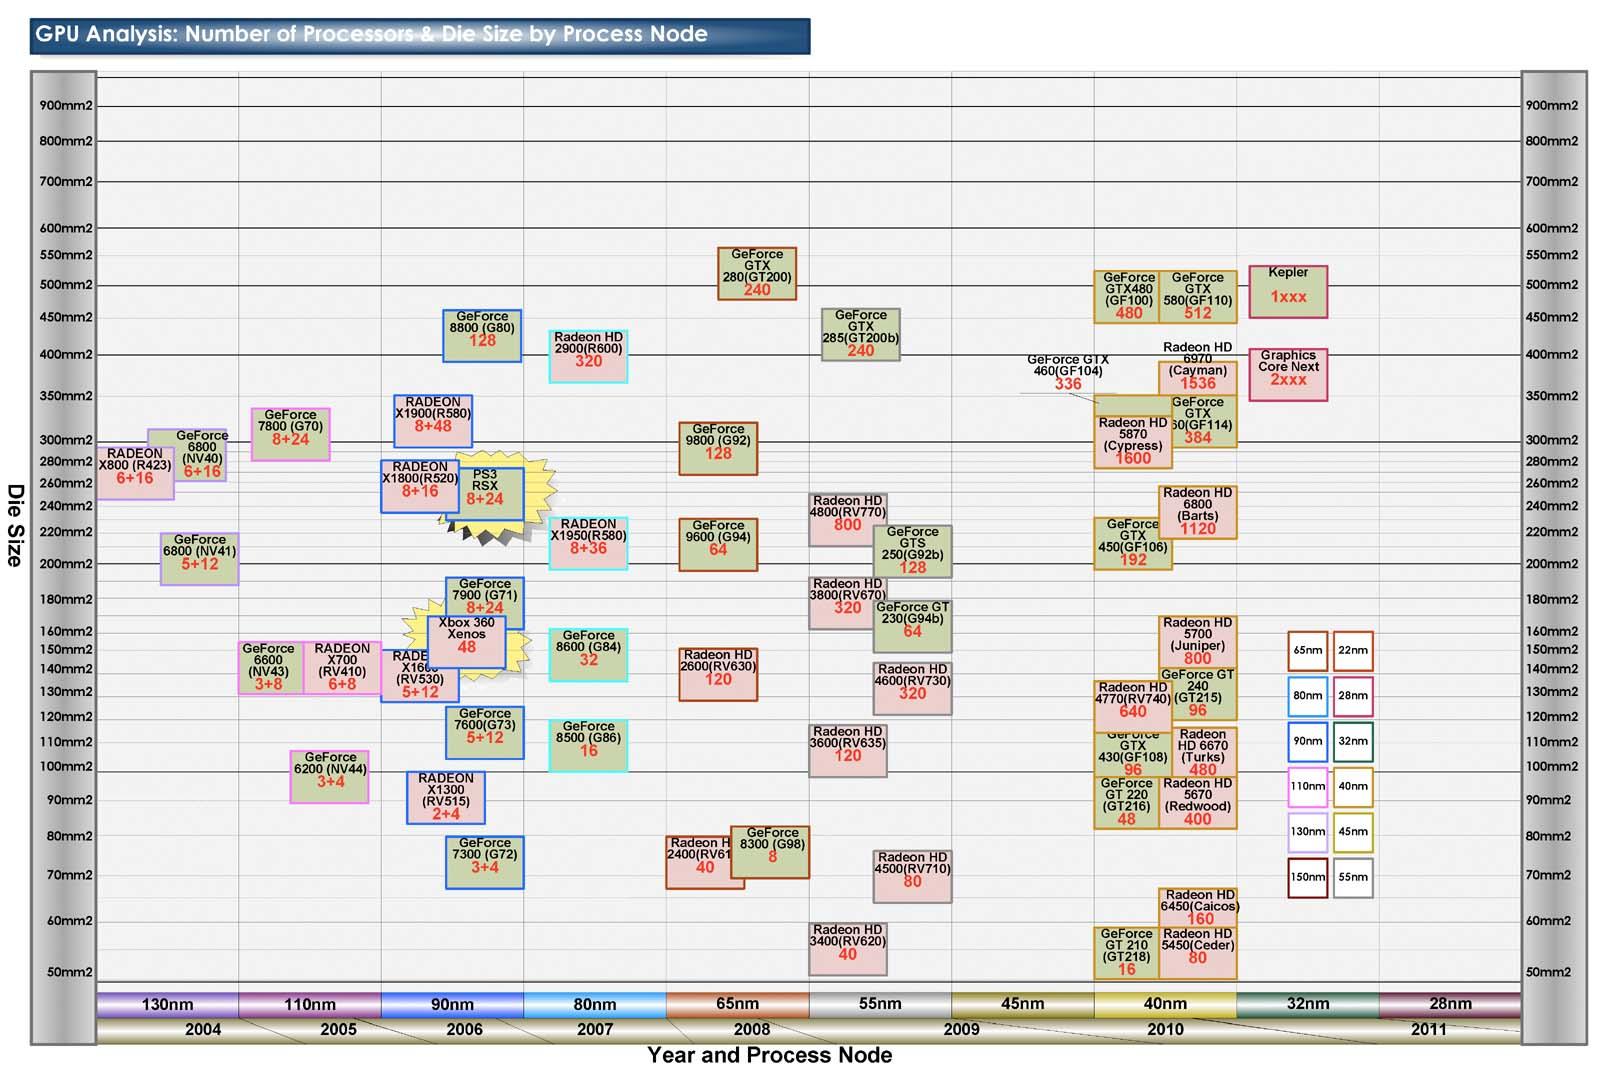 """プロセスノード毎のGPUプロセッサ数とダイサイズの比較(PDF版は<a href=""""/video/pcw/docs/463/041/p07.pdf"""">こちら</a>)"""